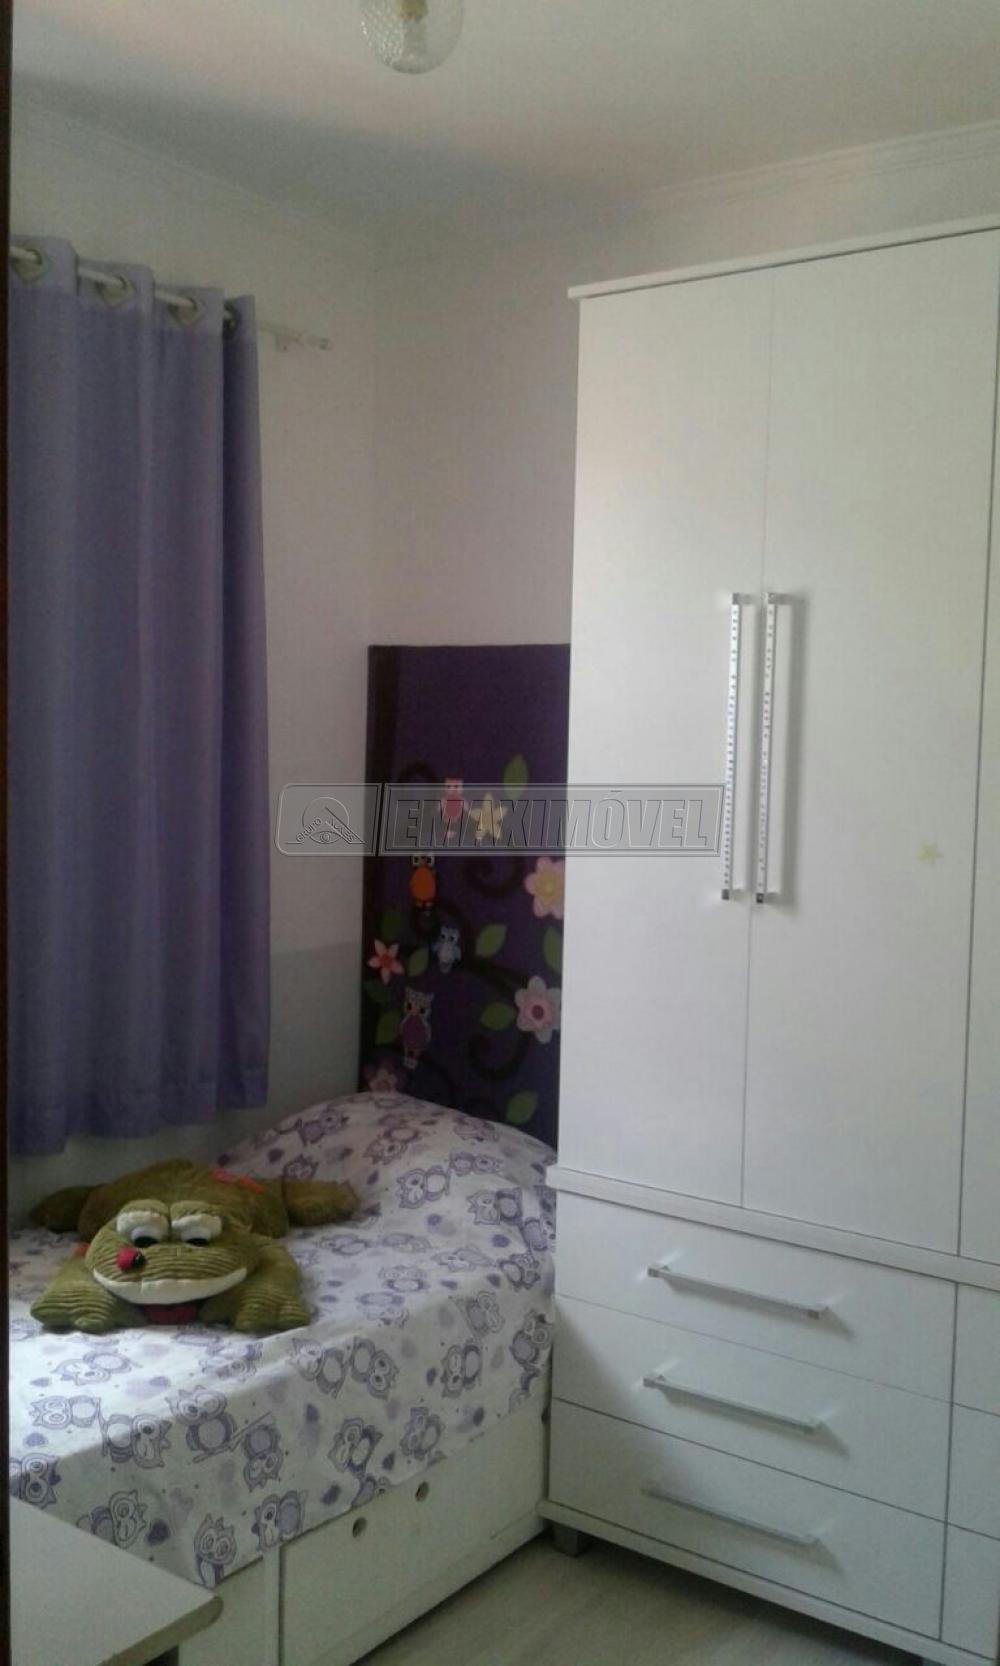 Comprar Apartamento / Cobertura em Votorantim R$ 321.000,00 - Foto 12